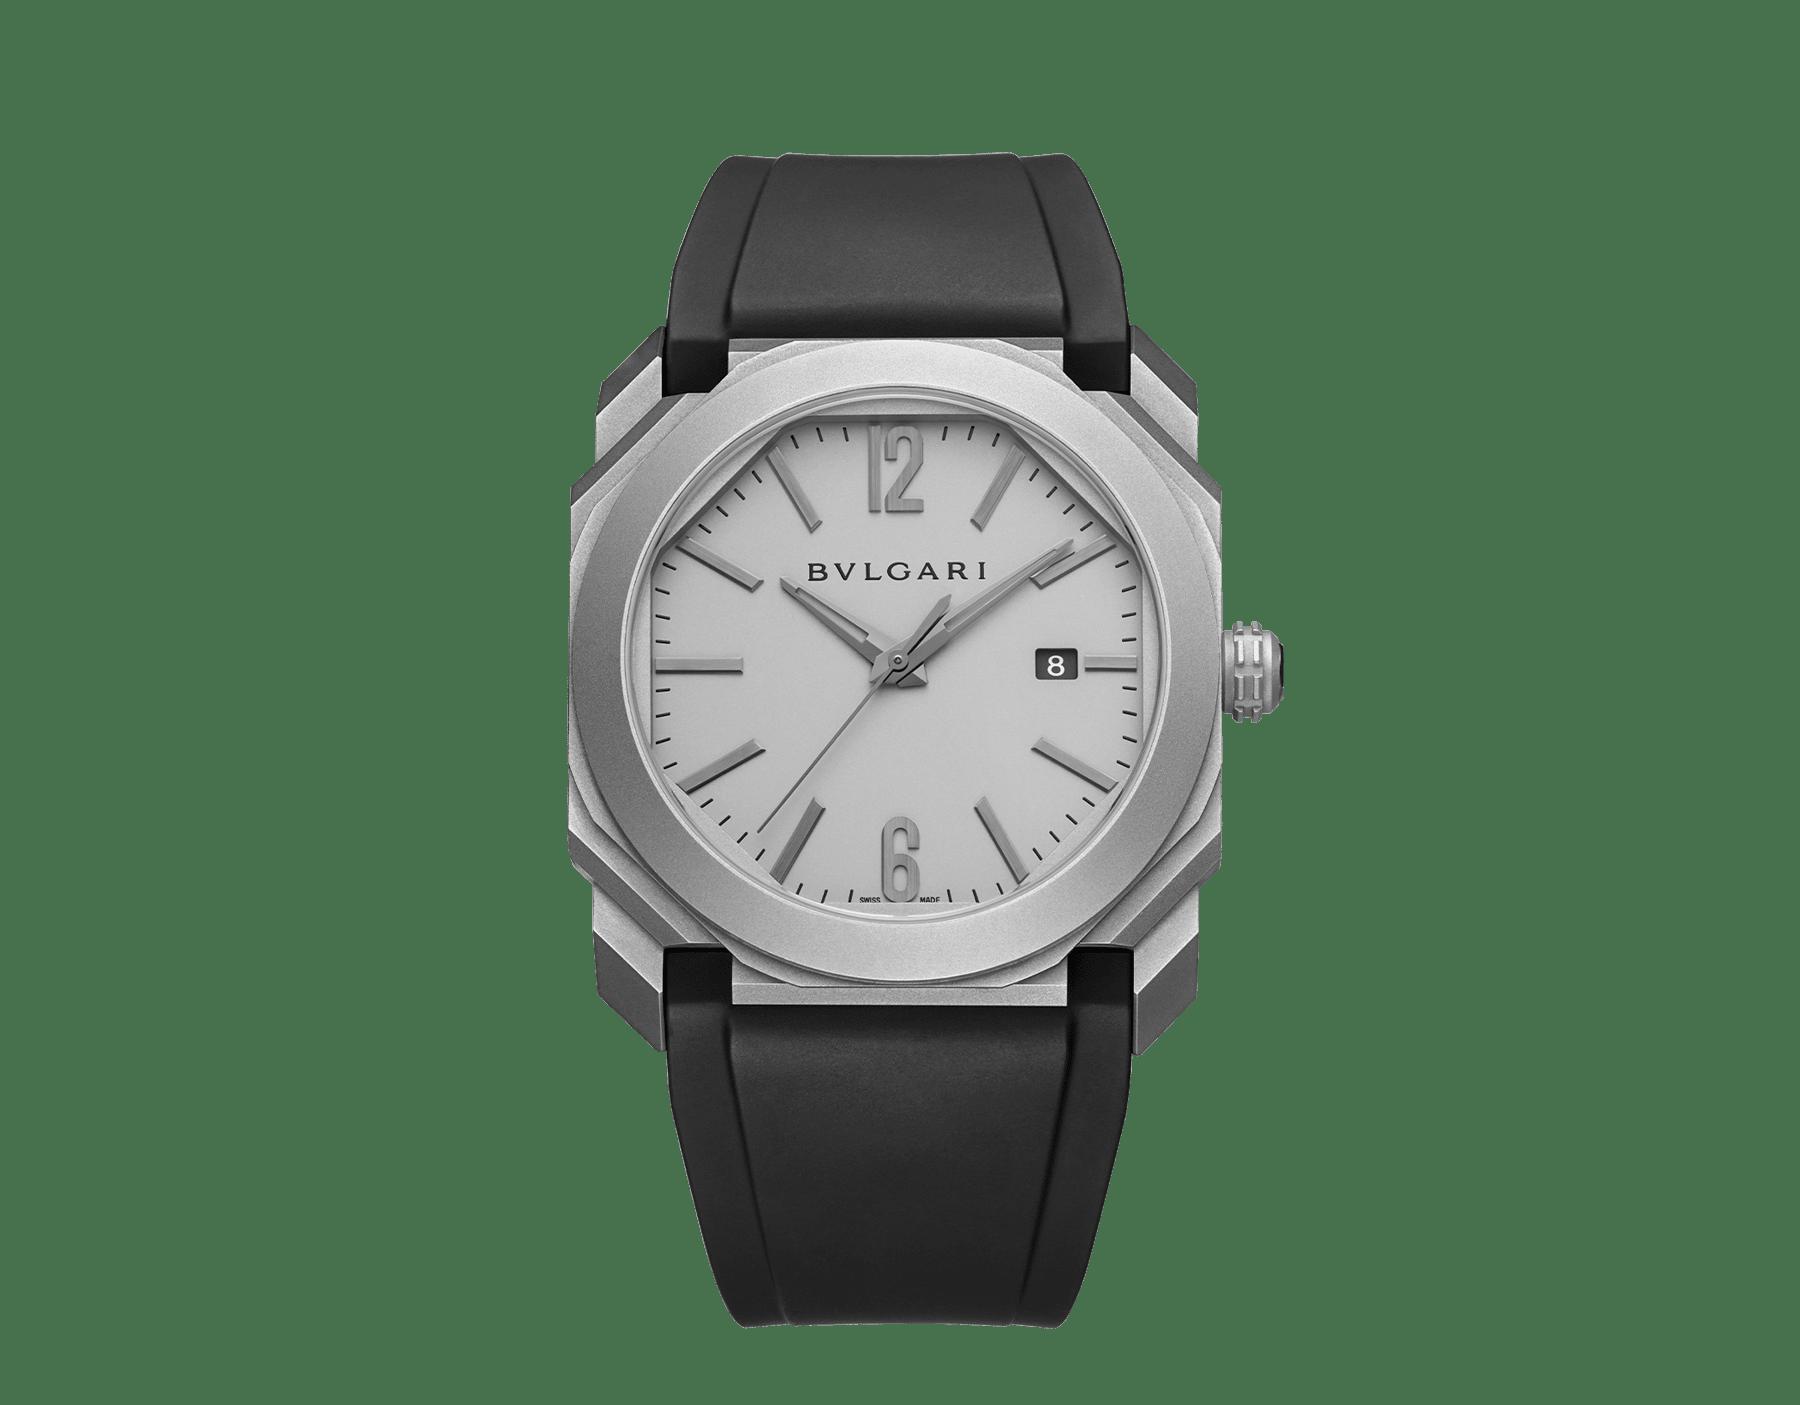 Octo L'Originale Uhr mit mechanischem Manufakturwerk, Automatikaufzug, Datumsanzeige mit augenblicklichem Datumswechsel, Gehäuse und Zifferblatt aus Titan und schwarzem Kautschukarmband 102858 image 1